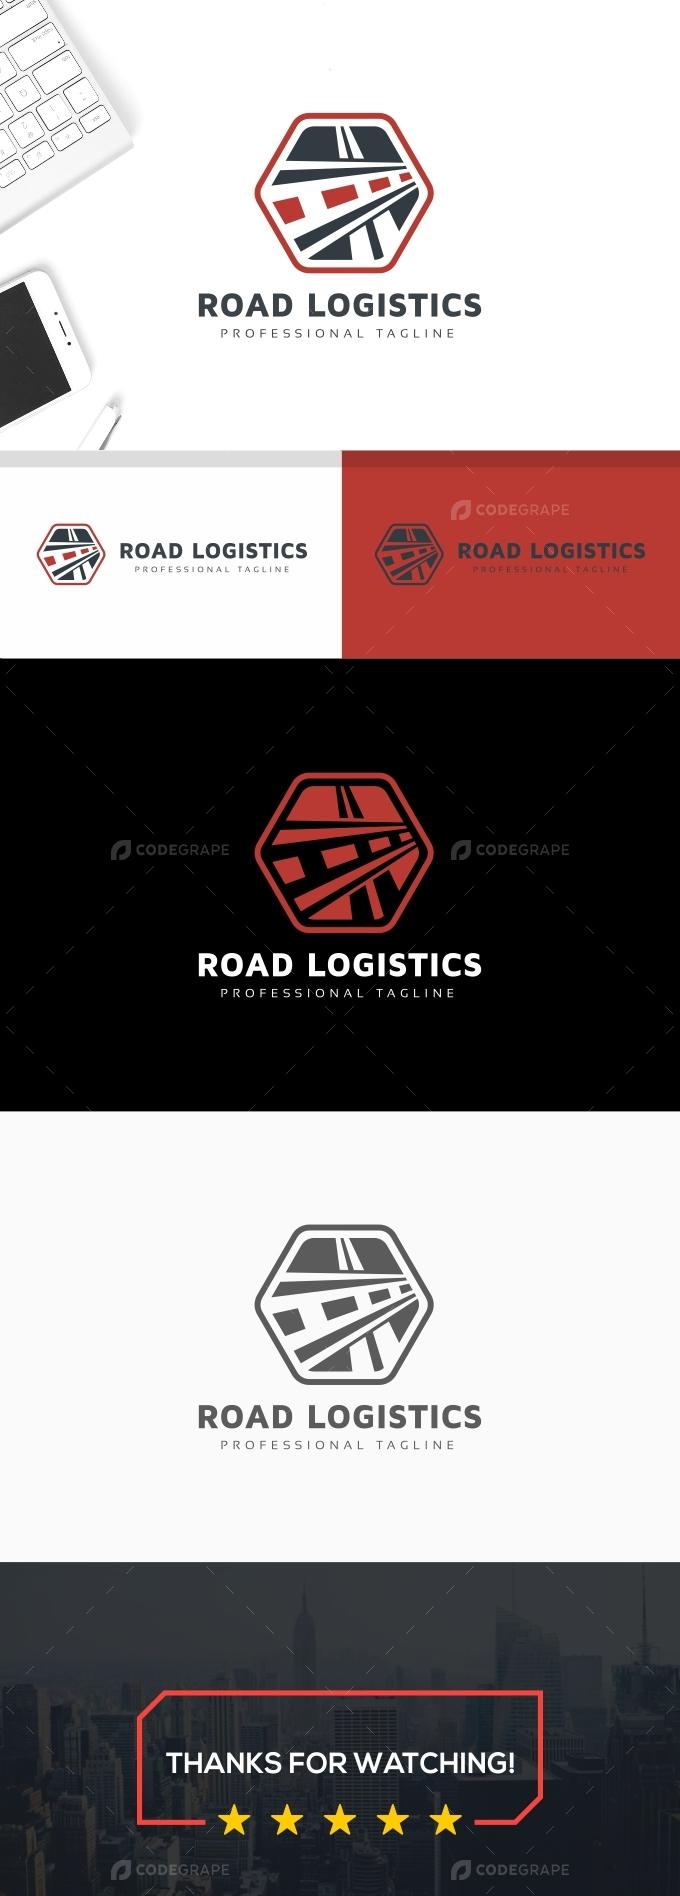 Road Logistics Logo